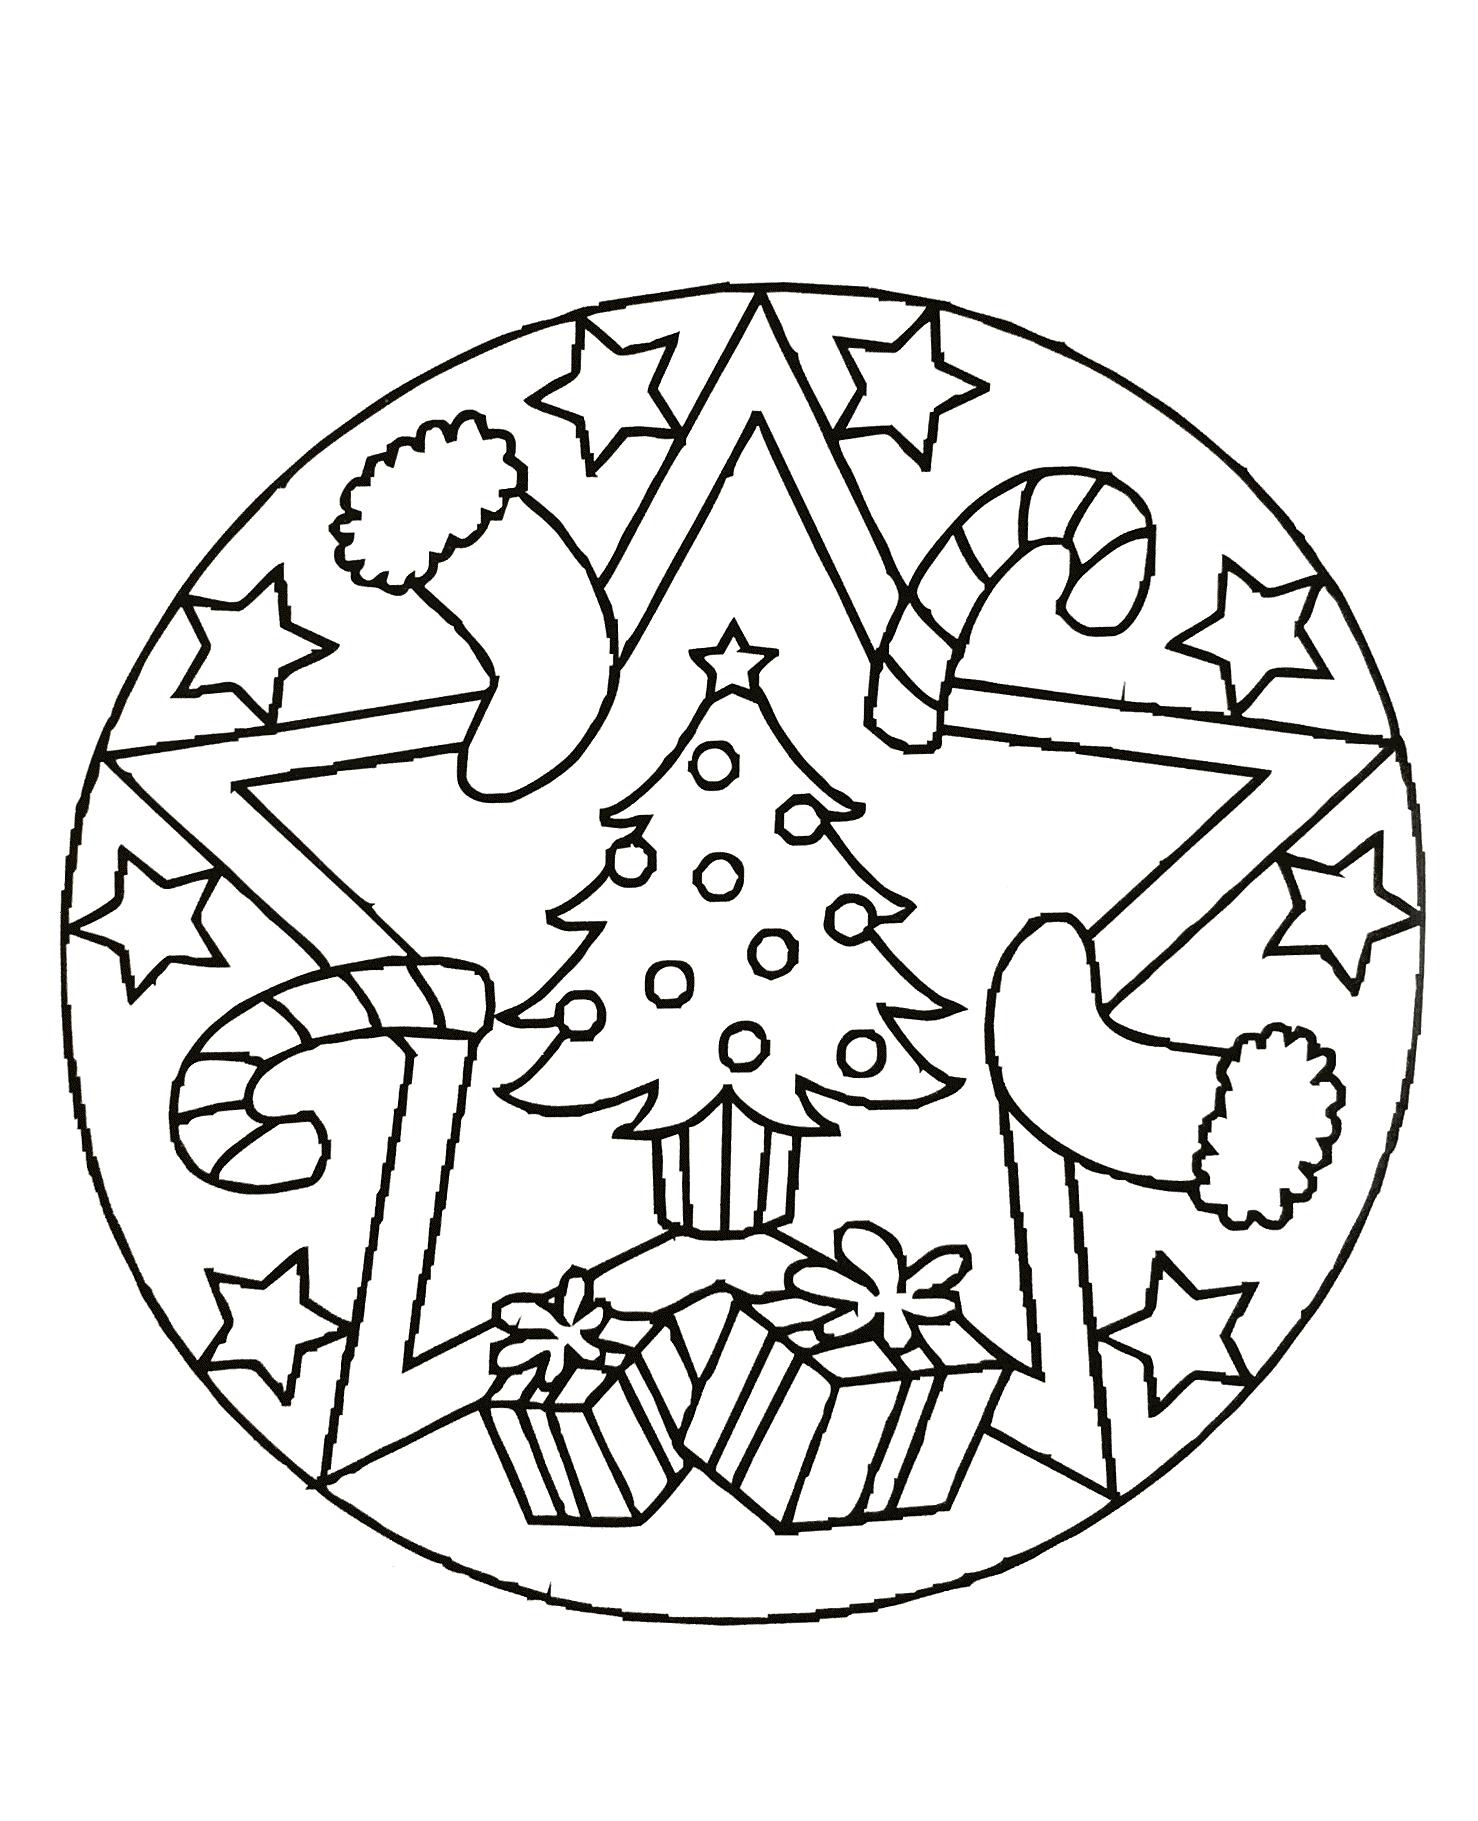 mandala 62 coloring page free painting coloring pages - Christmas Mandalas Coloring Book